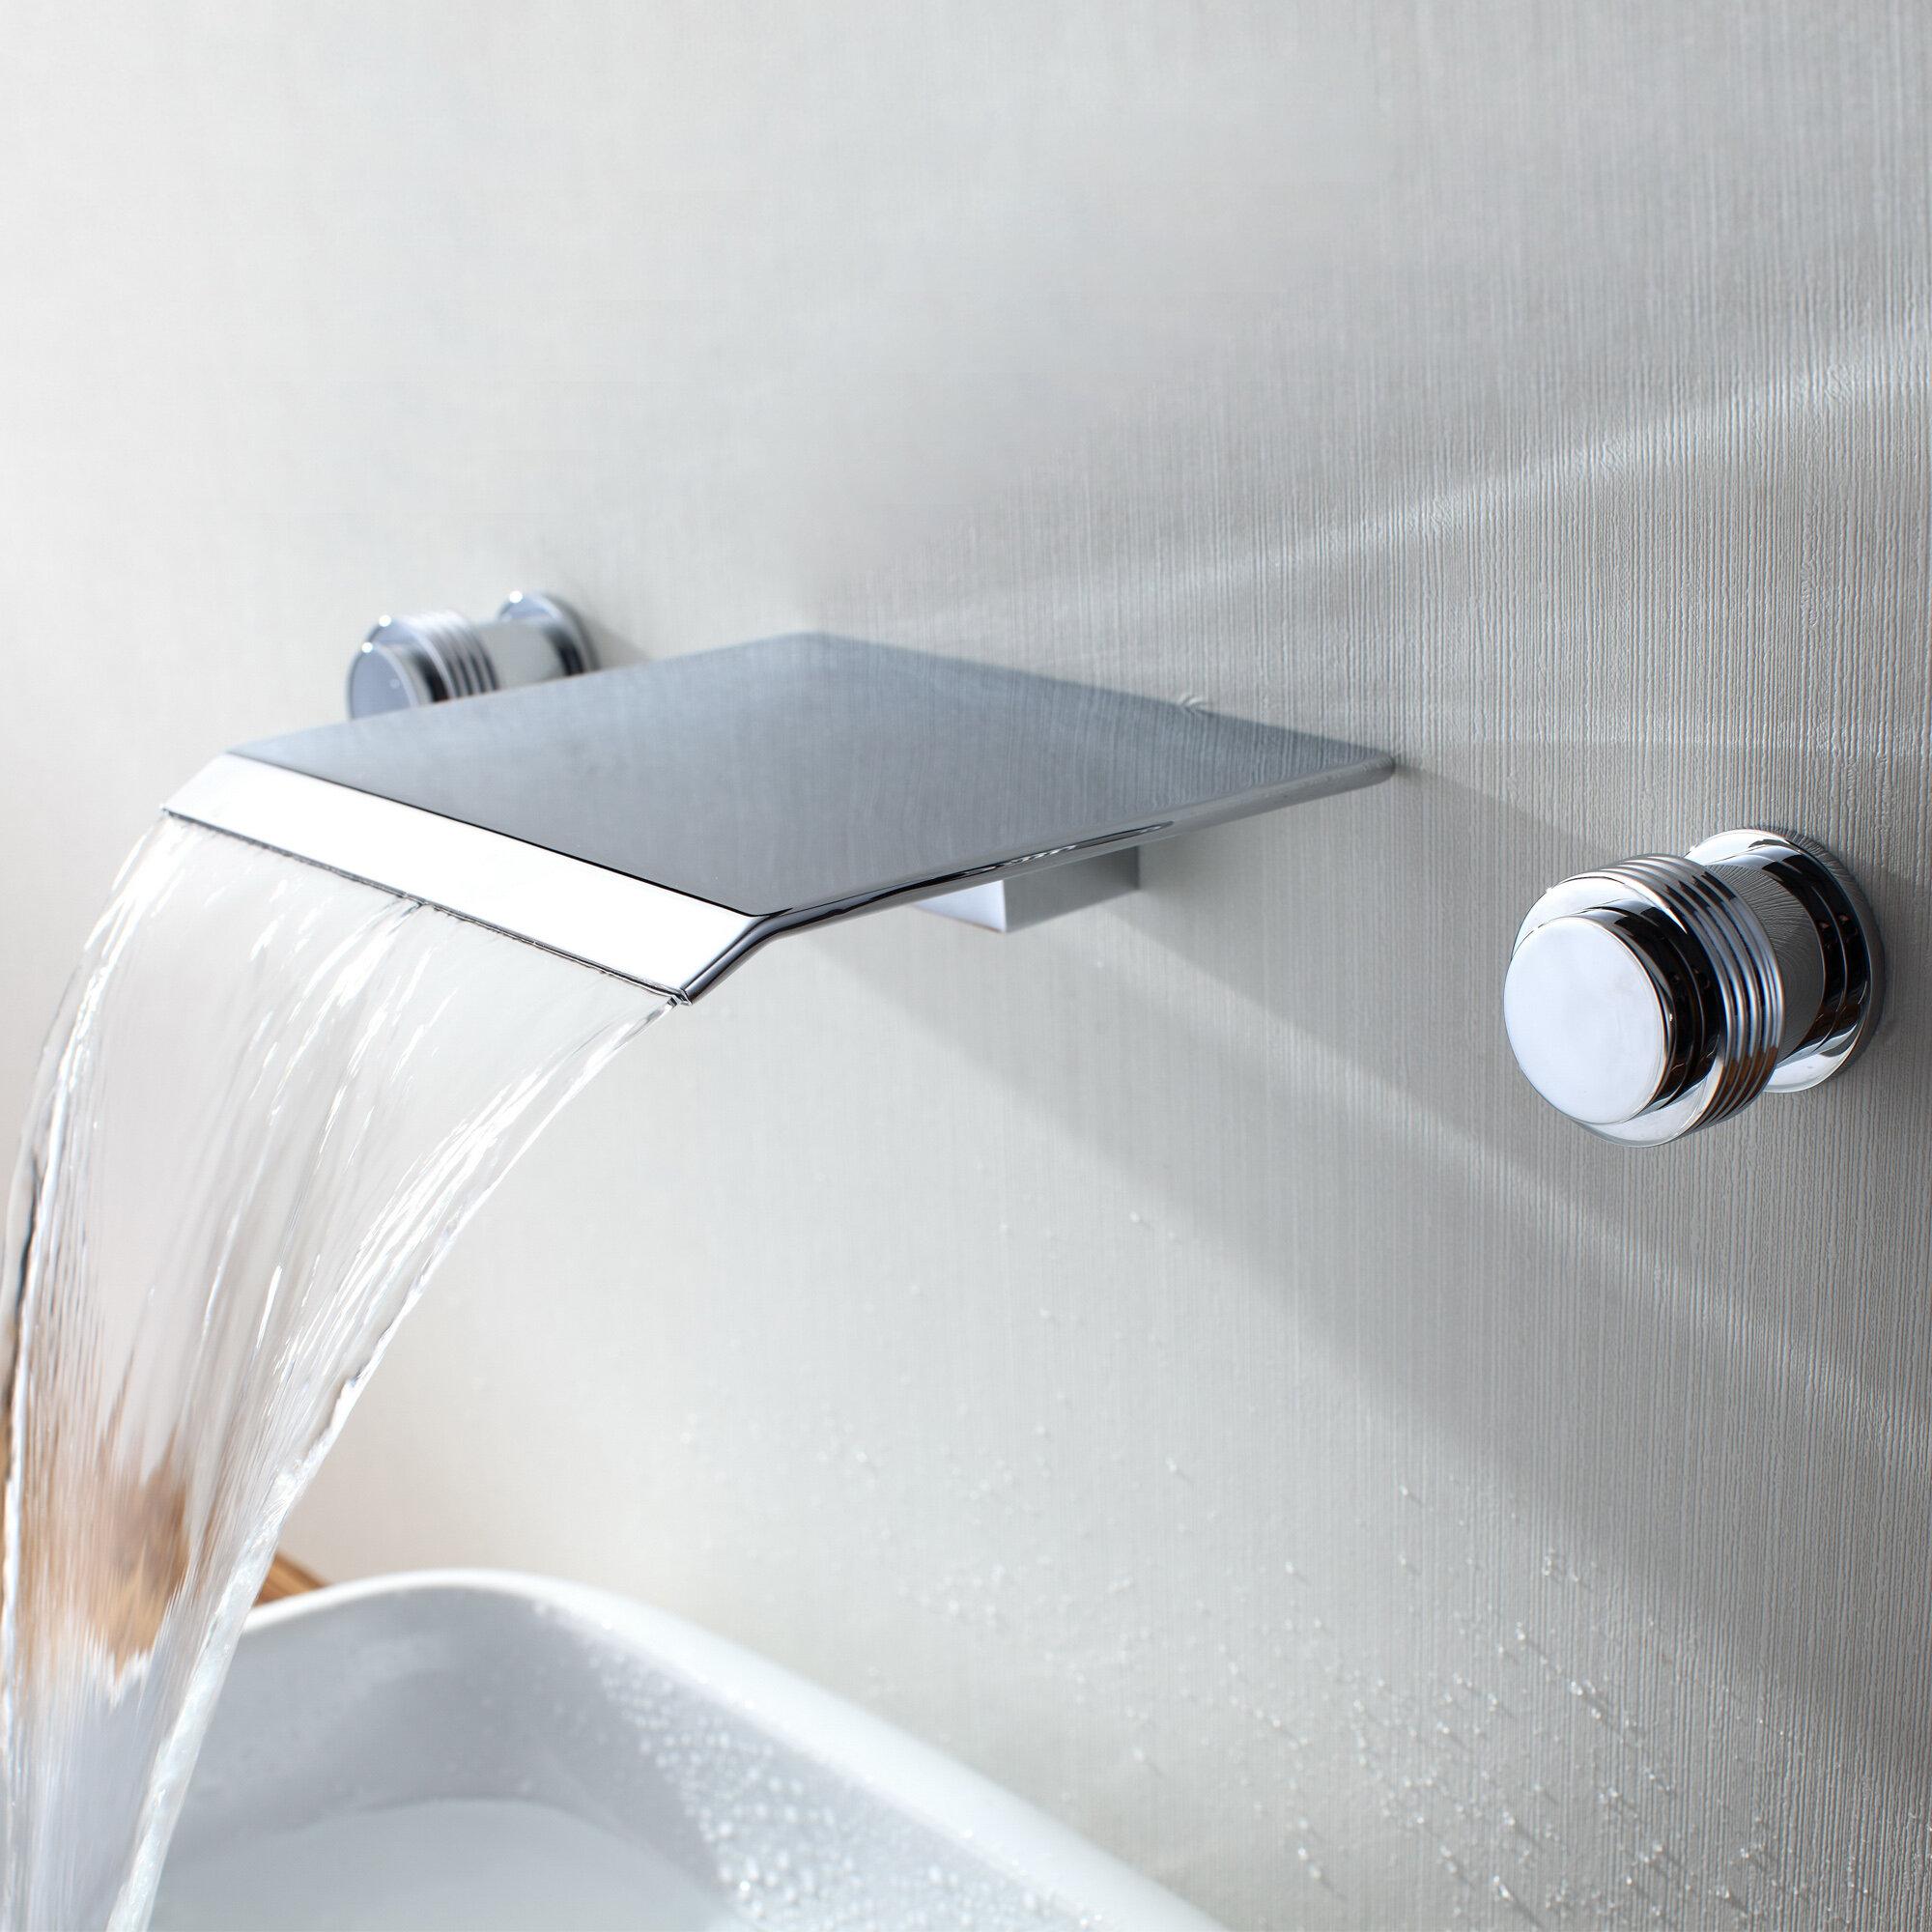 Sumerain Wall Mount Waterfall Bathroom Sink Faucet Reviews Wayfair